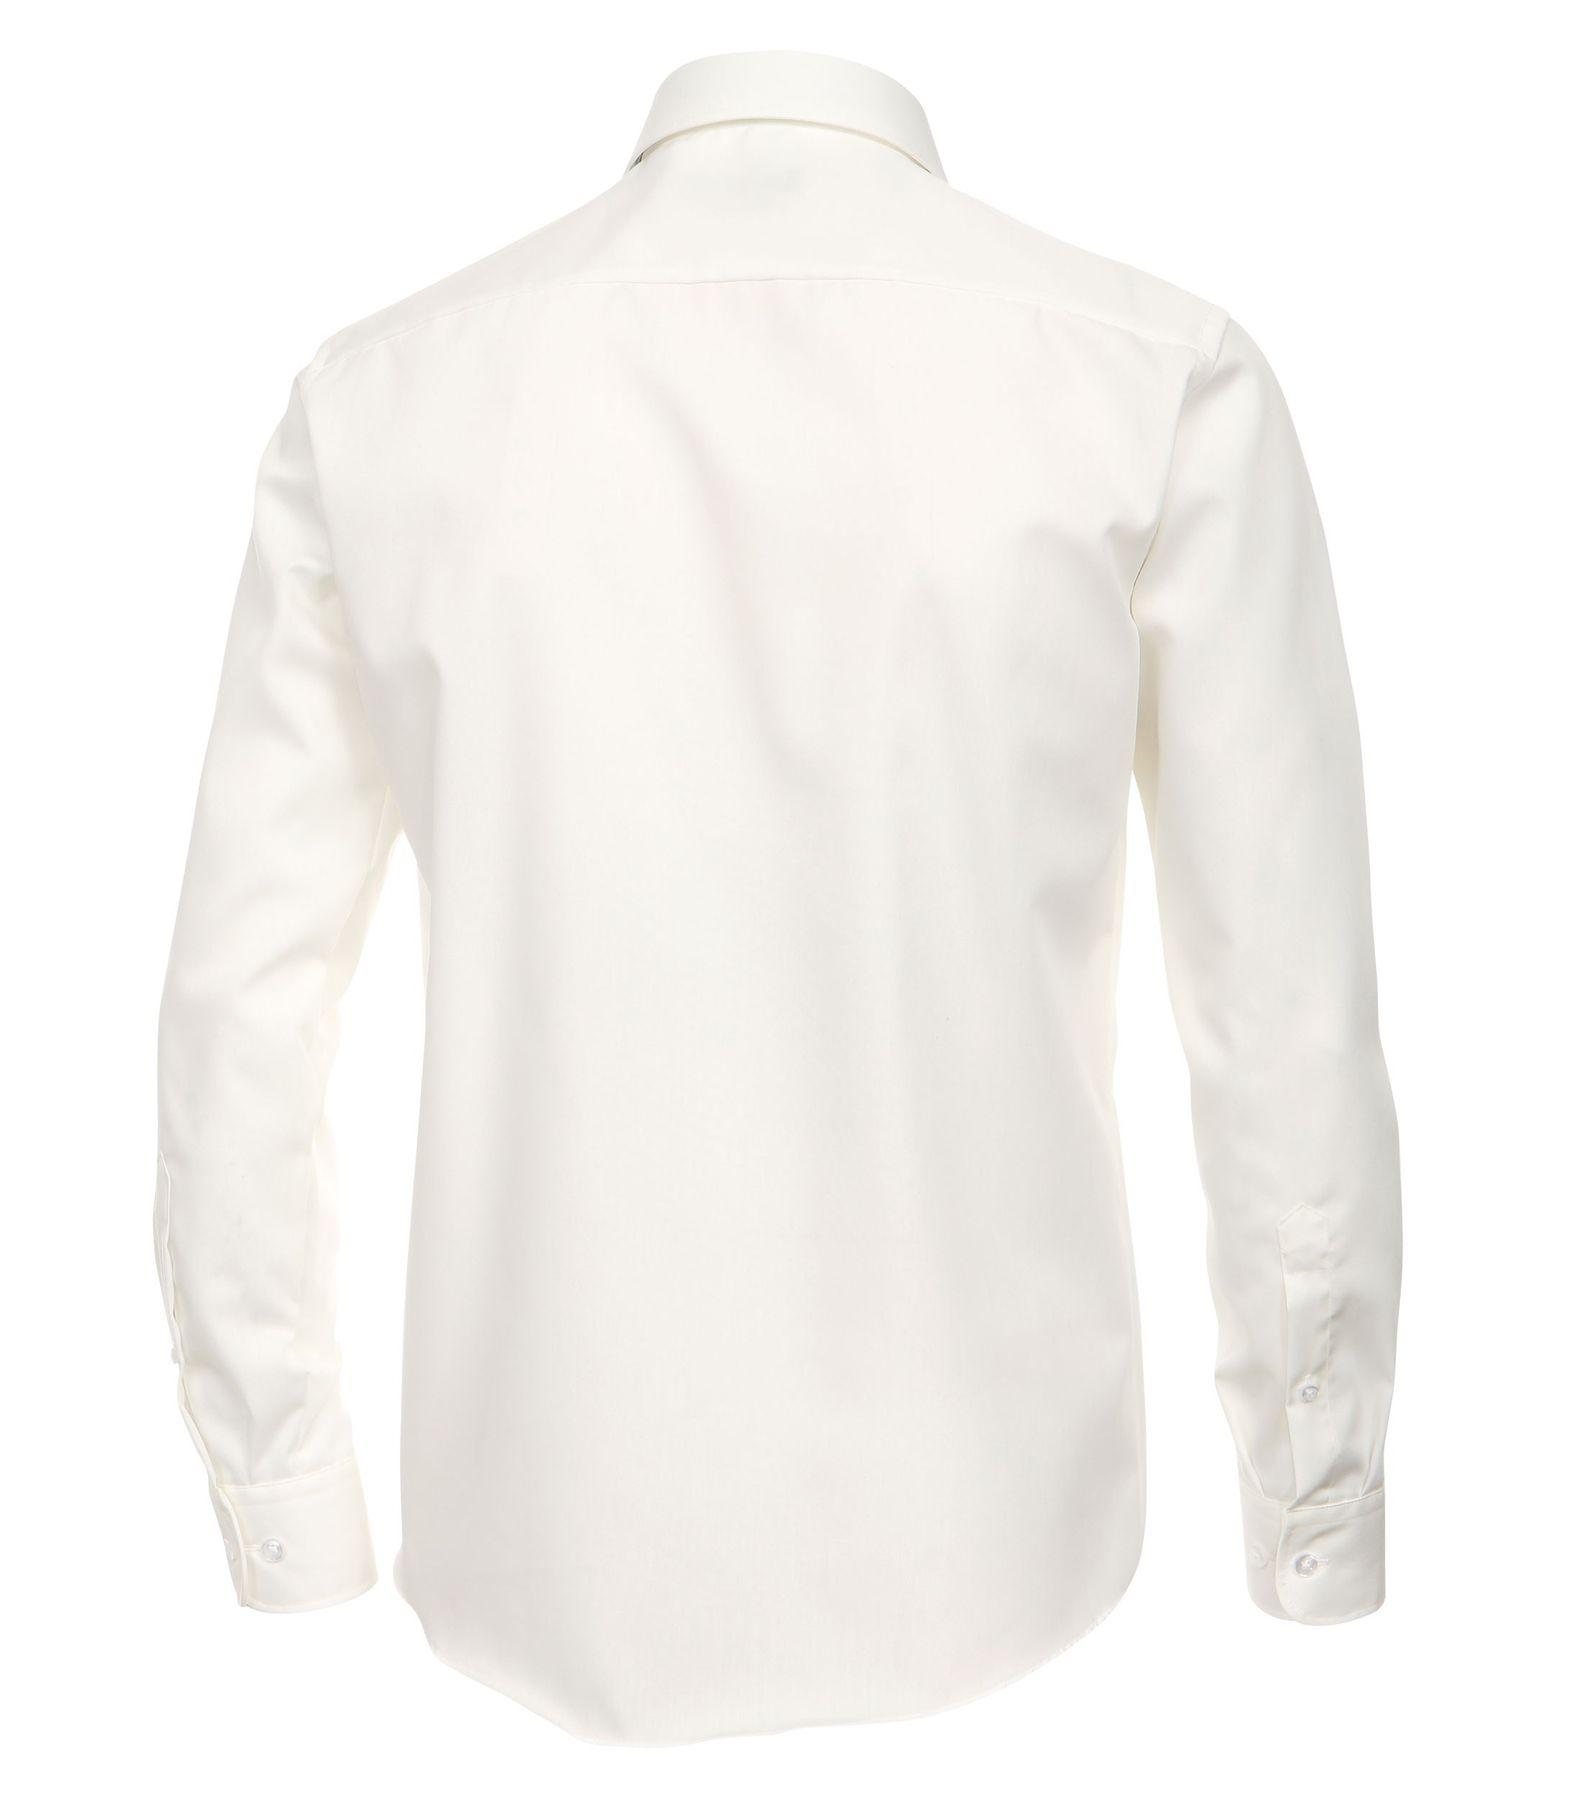 Casa Moda - Modern Fit - Bügelfreies Herren Business Hemd mit Extra langem Arm (72cm) in verschiedenen Farben (006562) – Bild 18